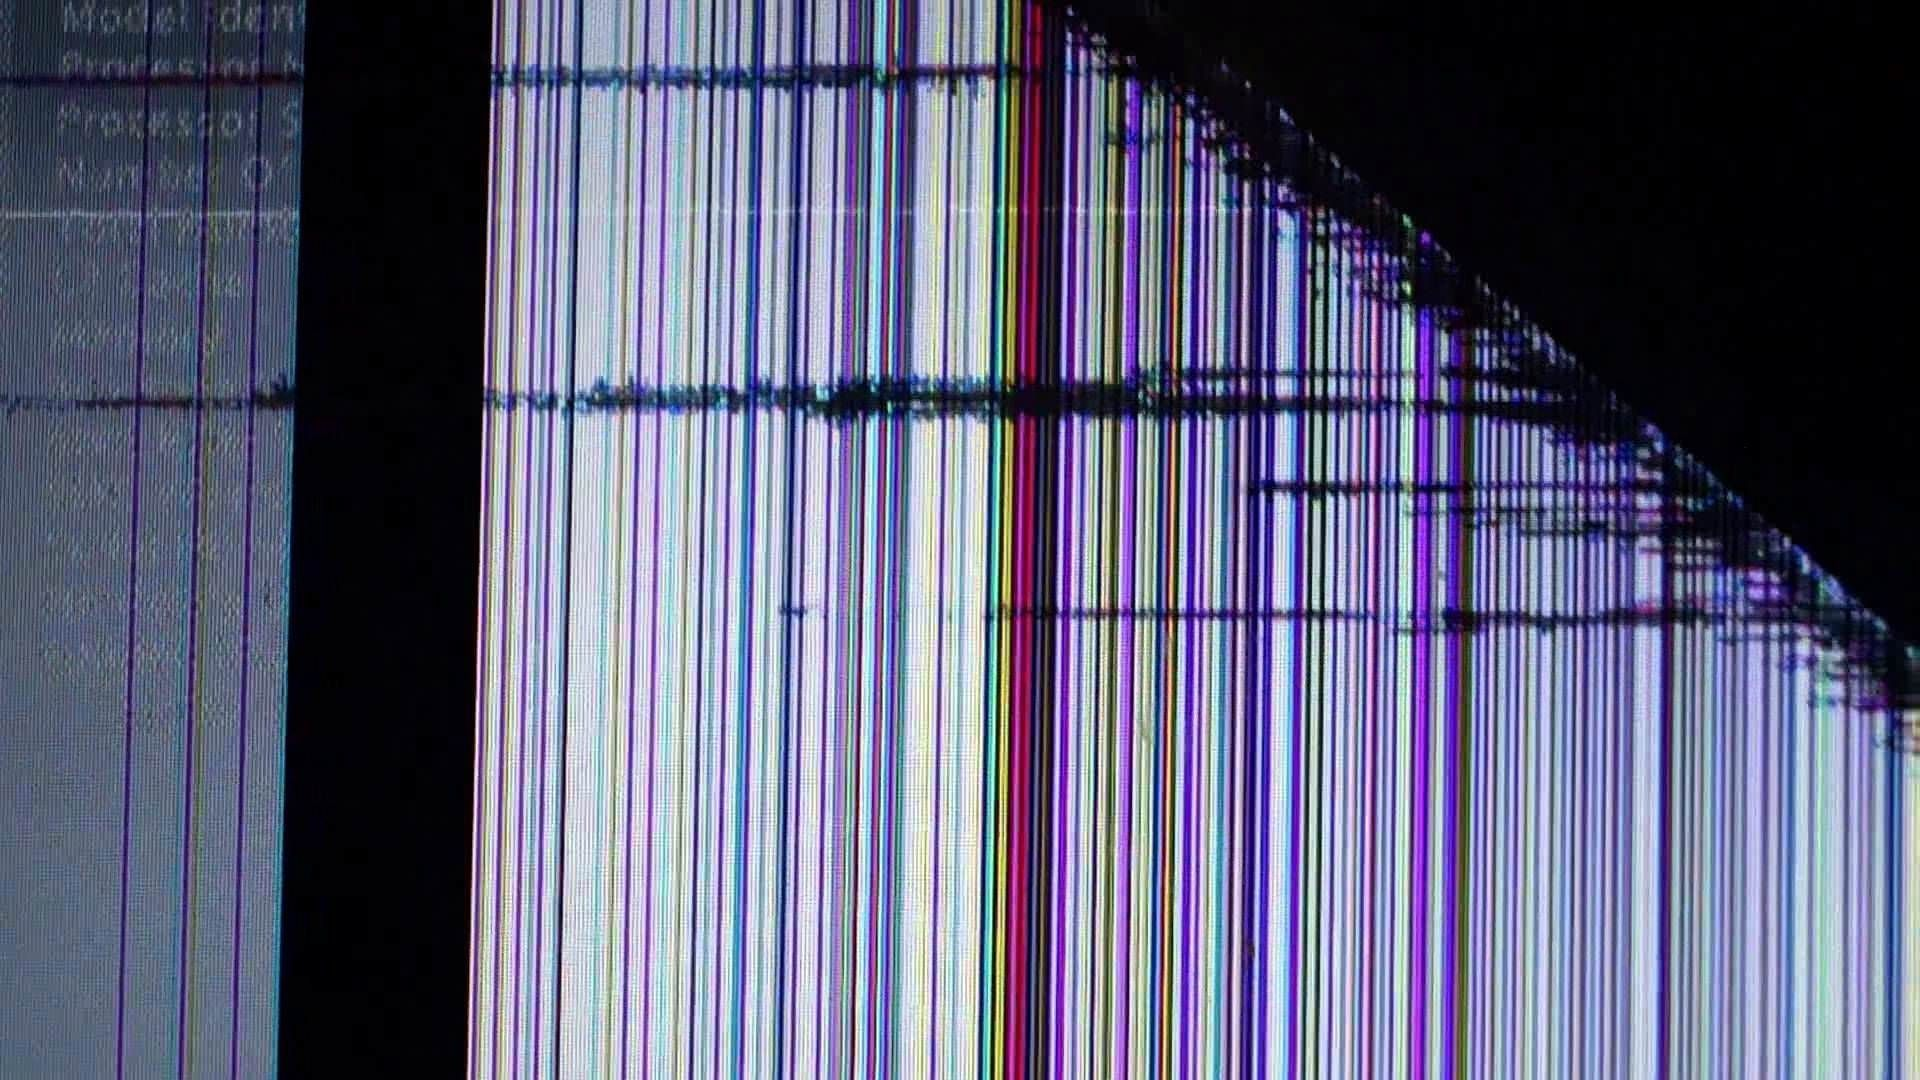 Cool Prank Broken Screen Wallpaper Iphone X Photos In 2020